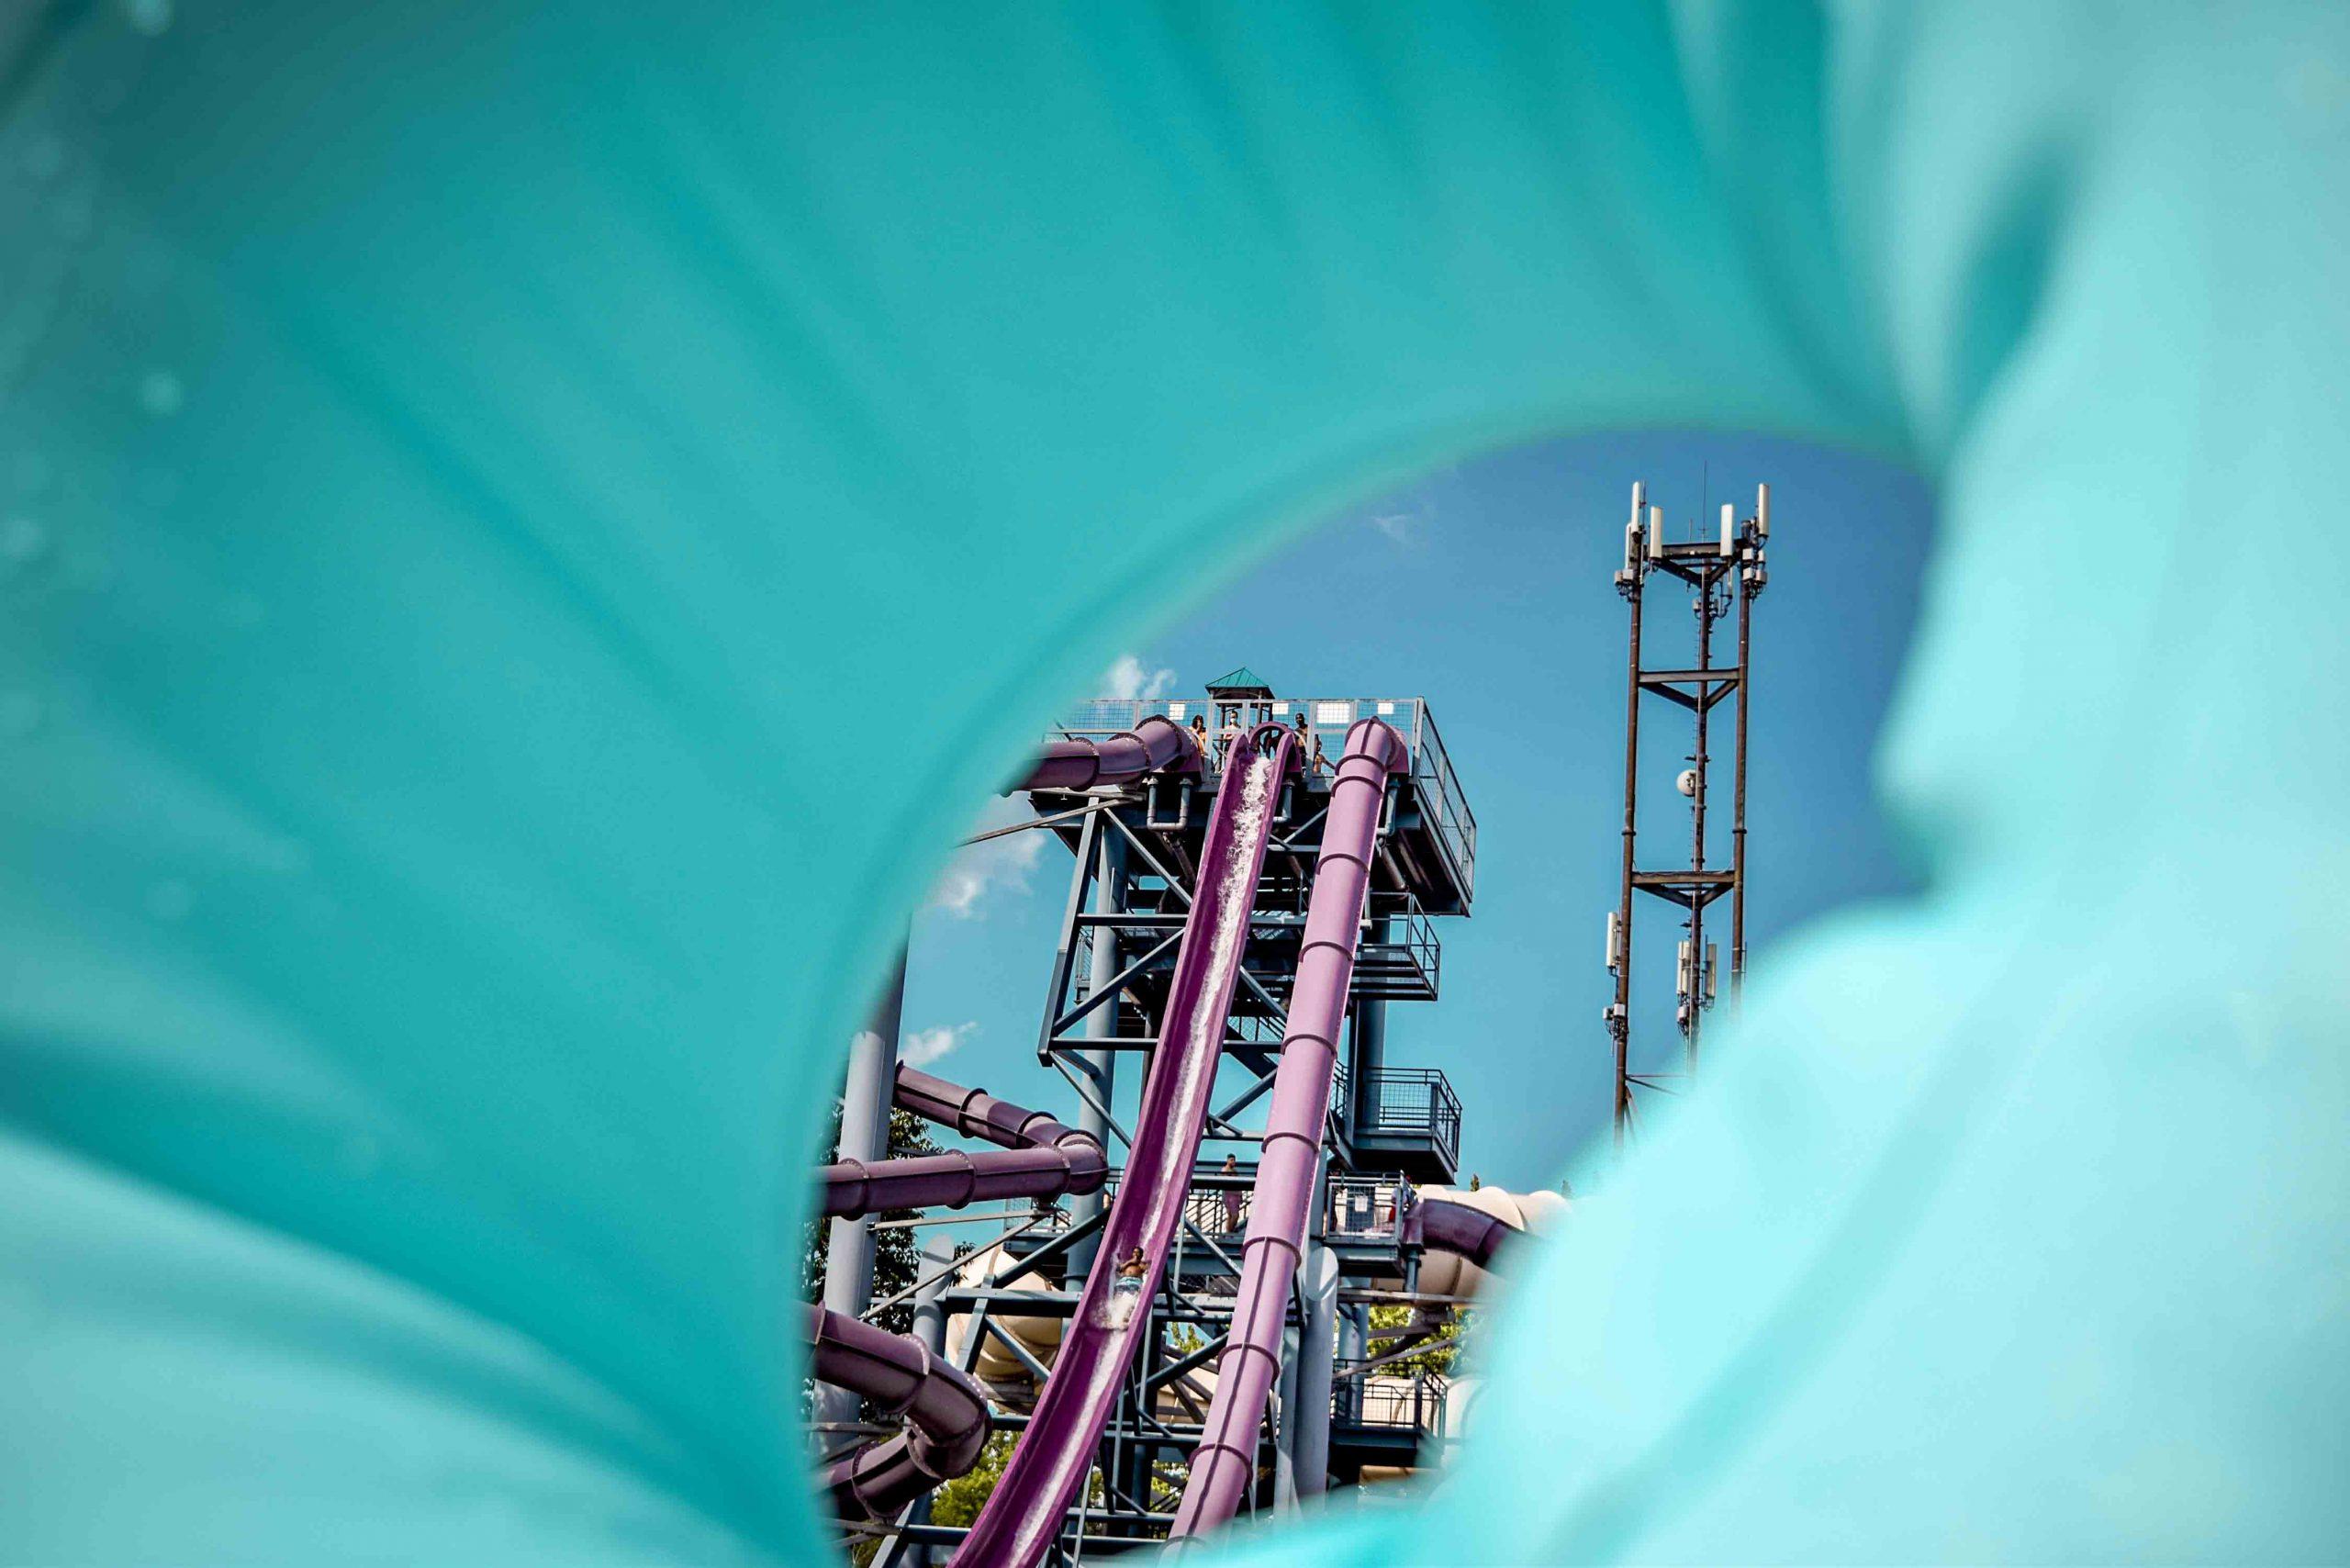 rafales à travers un tube bleu